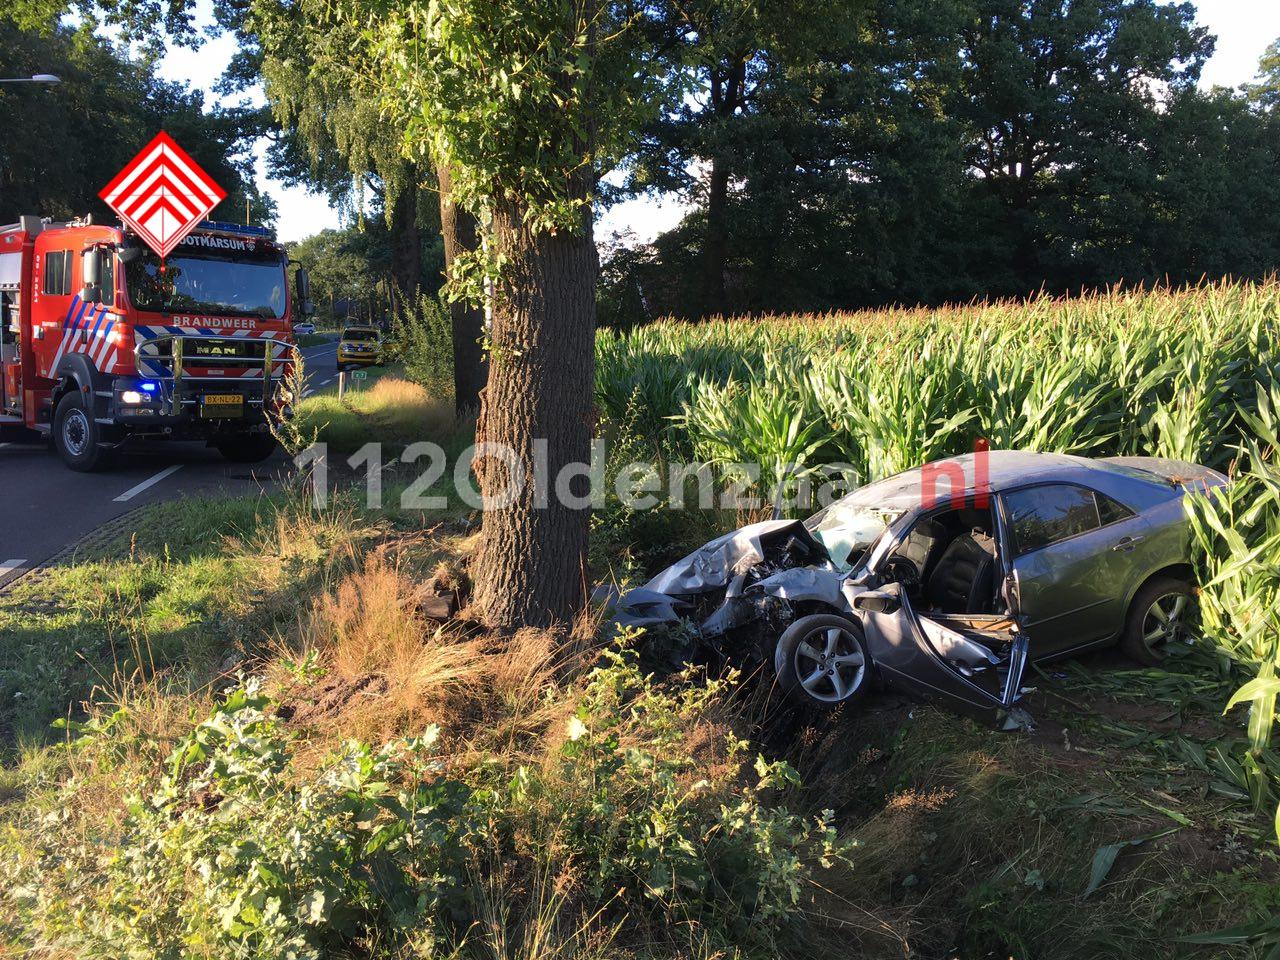 UPDATE: 39-jarige man uit Enschede raakt ernstig na ongeval in Agelo